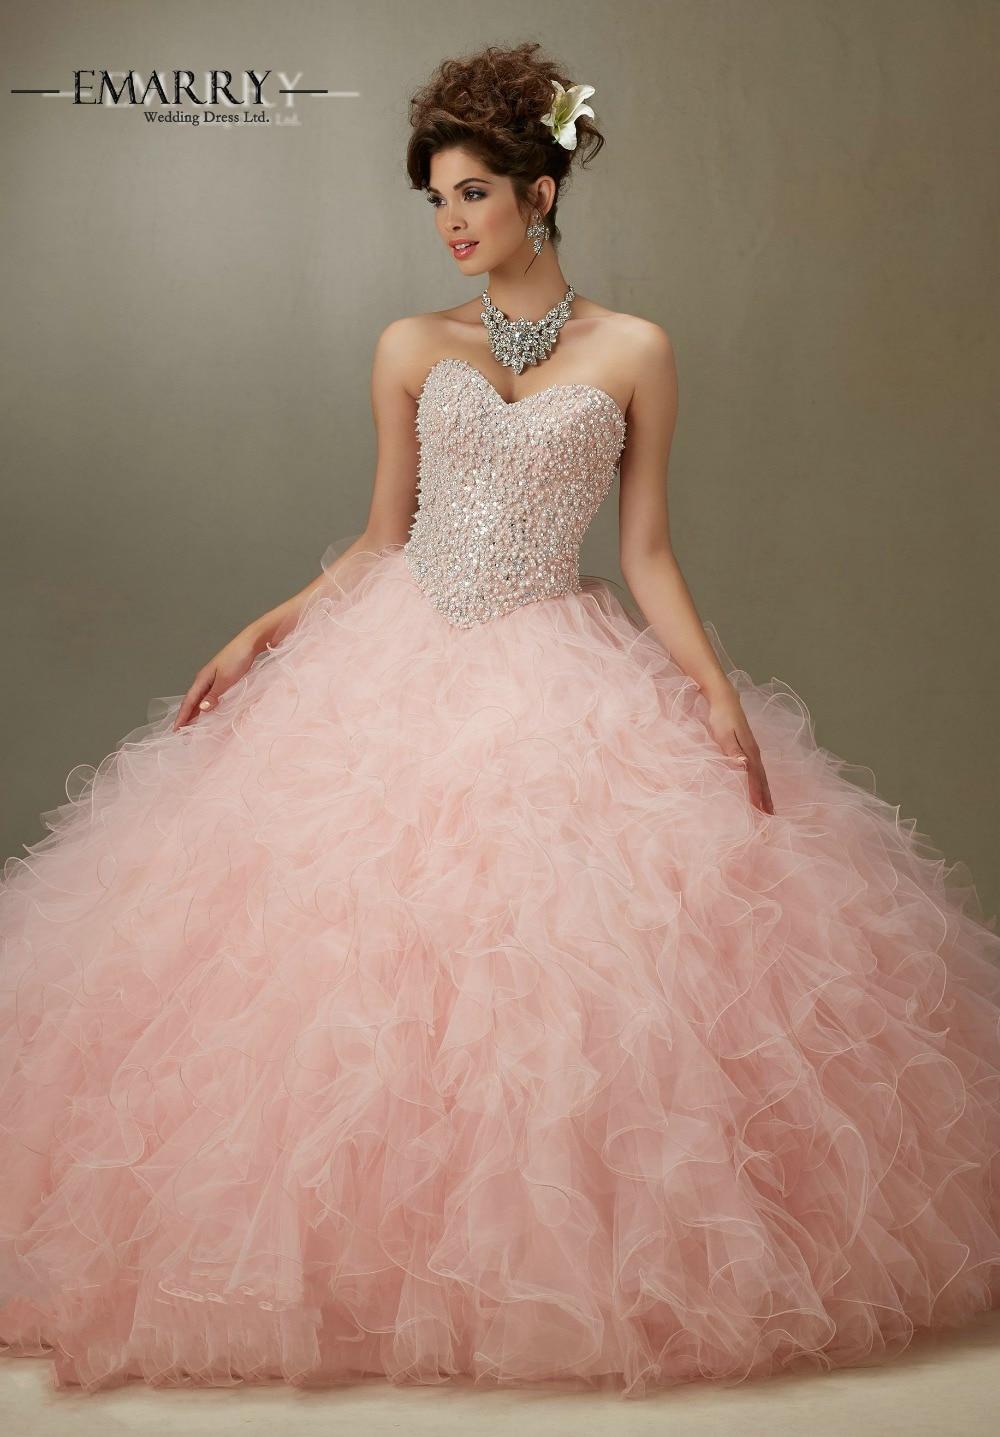 Hermosa Vestidos De Novia Rumano Friso - Ideas de Estilos de Vestido ...